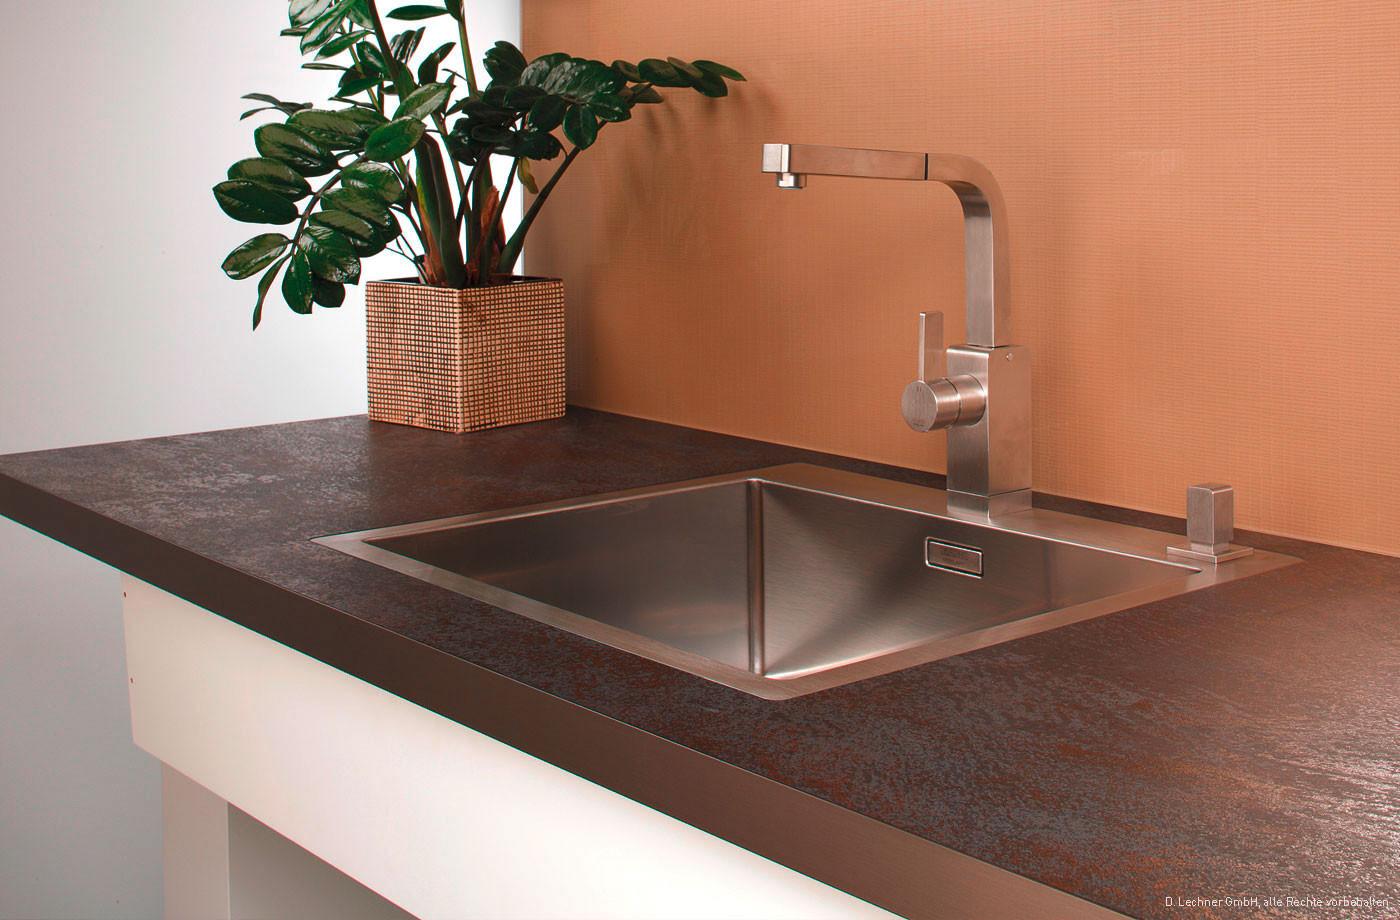 Arbeitsplatten Küche  Arbeitsplatte Holz KUche Versiegeln – Bvrao